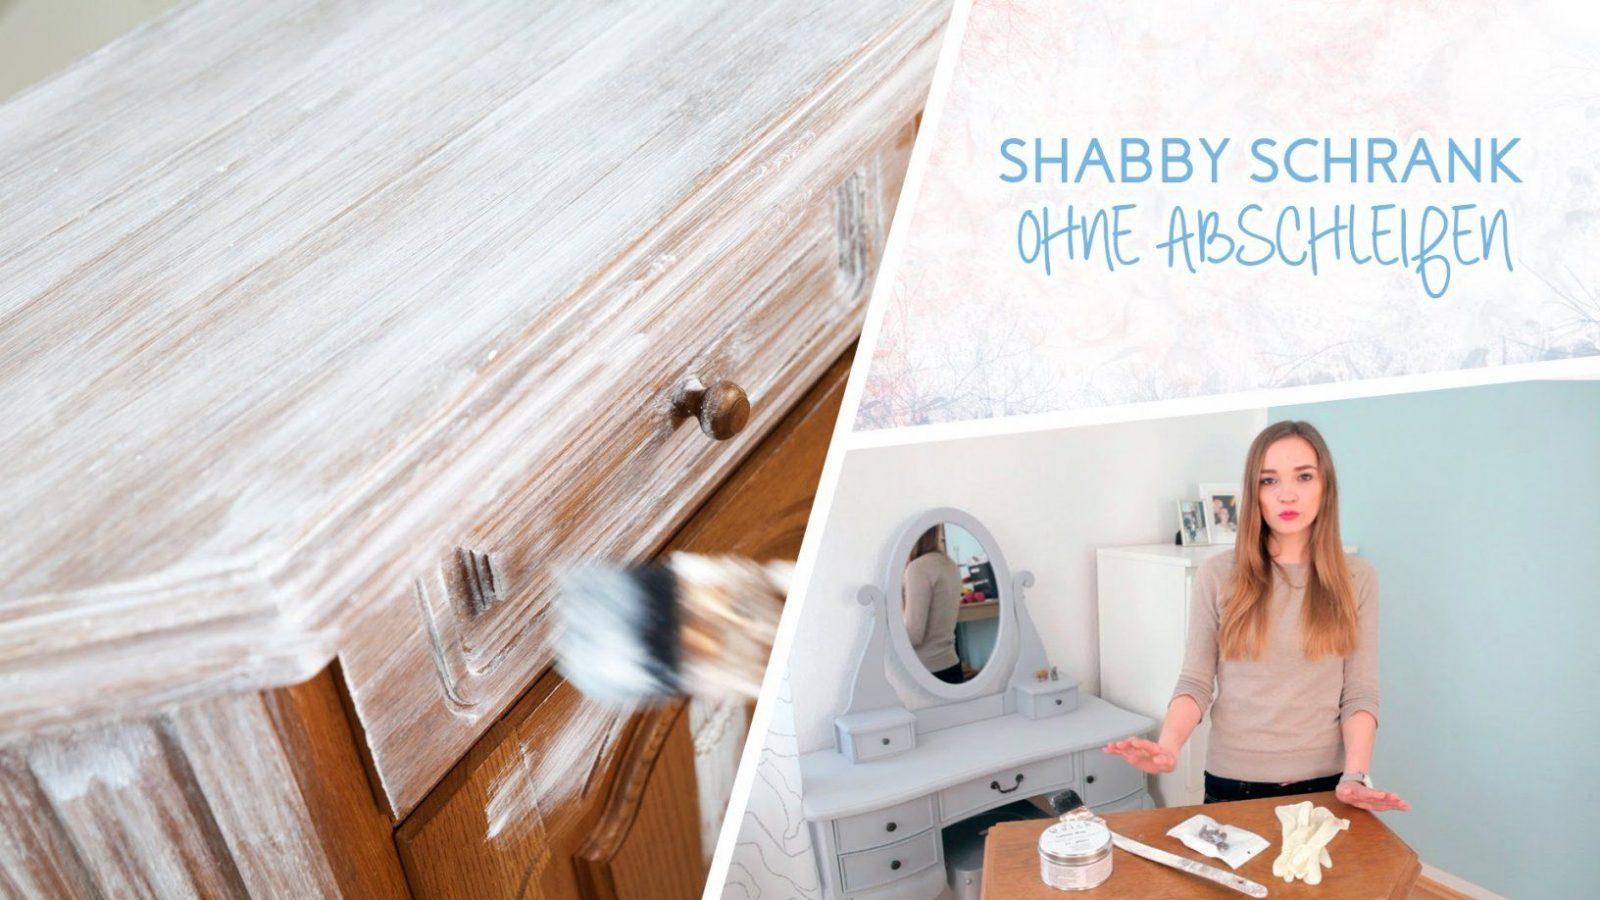 How To Schrank Im Shabby Chic Stil Streichen Ohne Abscheifen  Youtube von Möbel Streichen Ohne Schleifen Bild